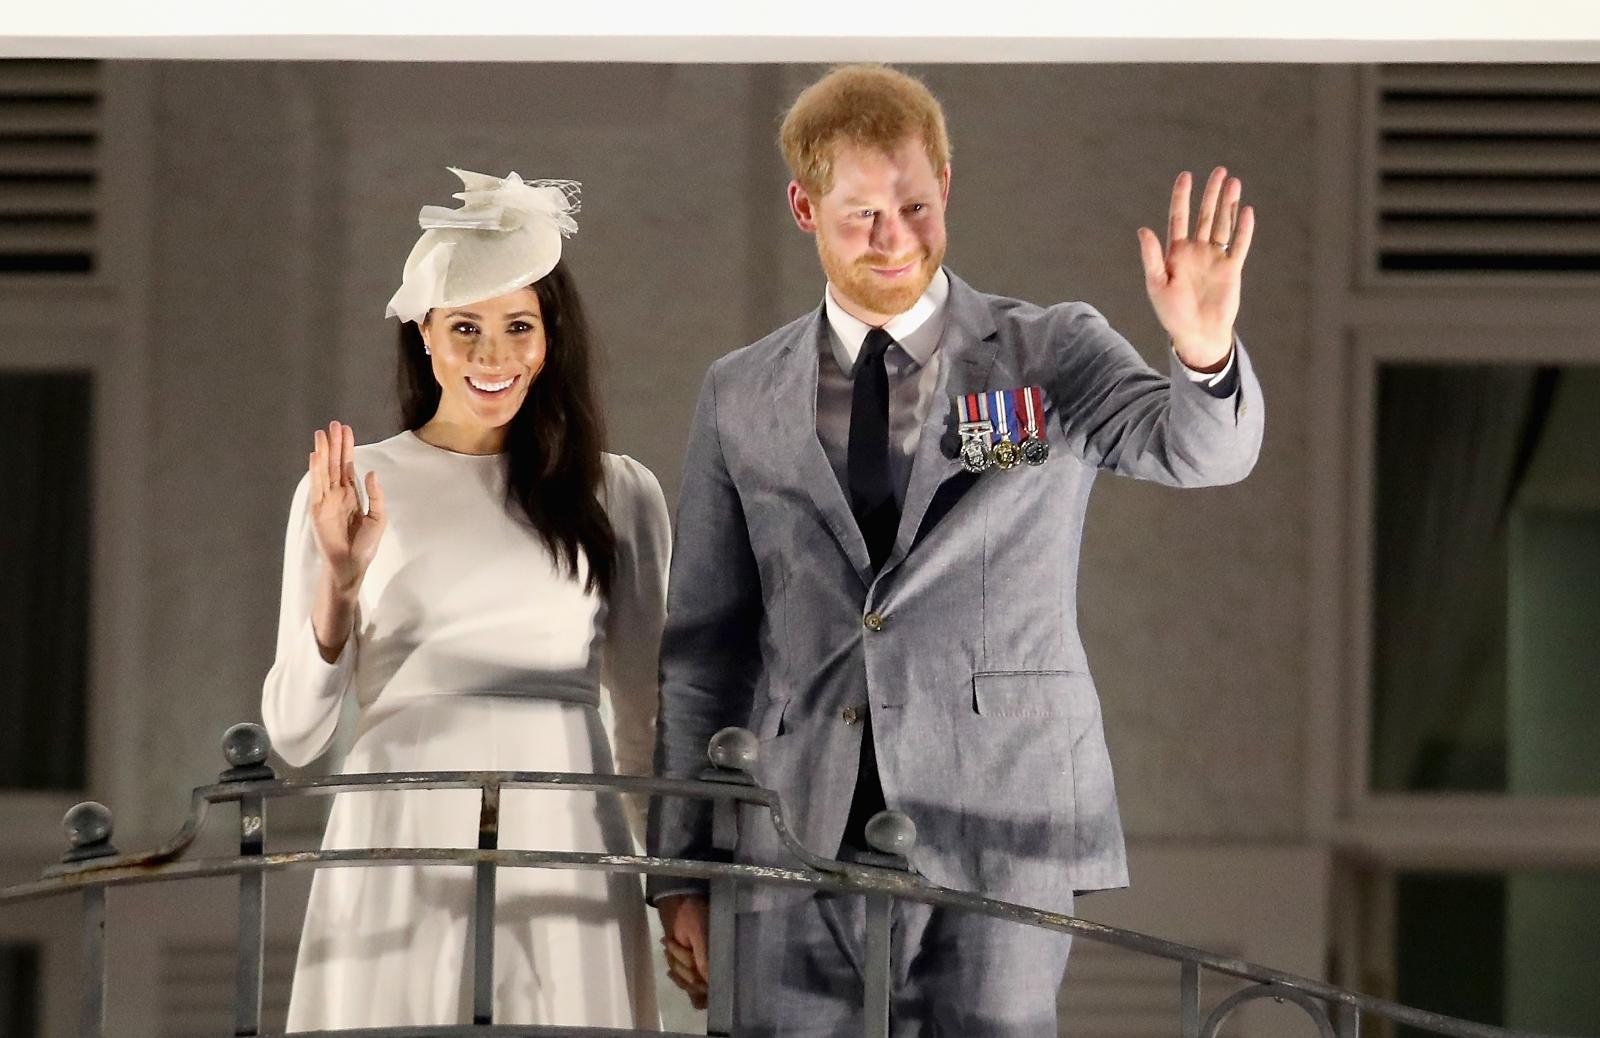 Тук няма никаква изненада - Меган Маркъл и принц Хари очакват първото си дете през 2019 година.